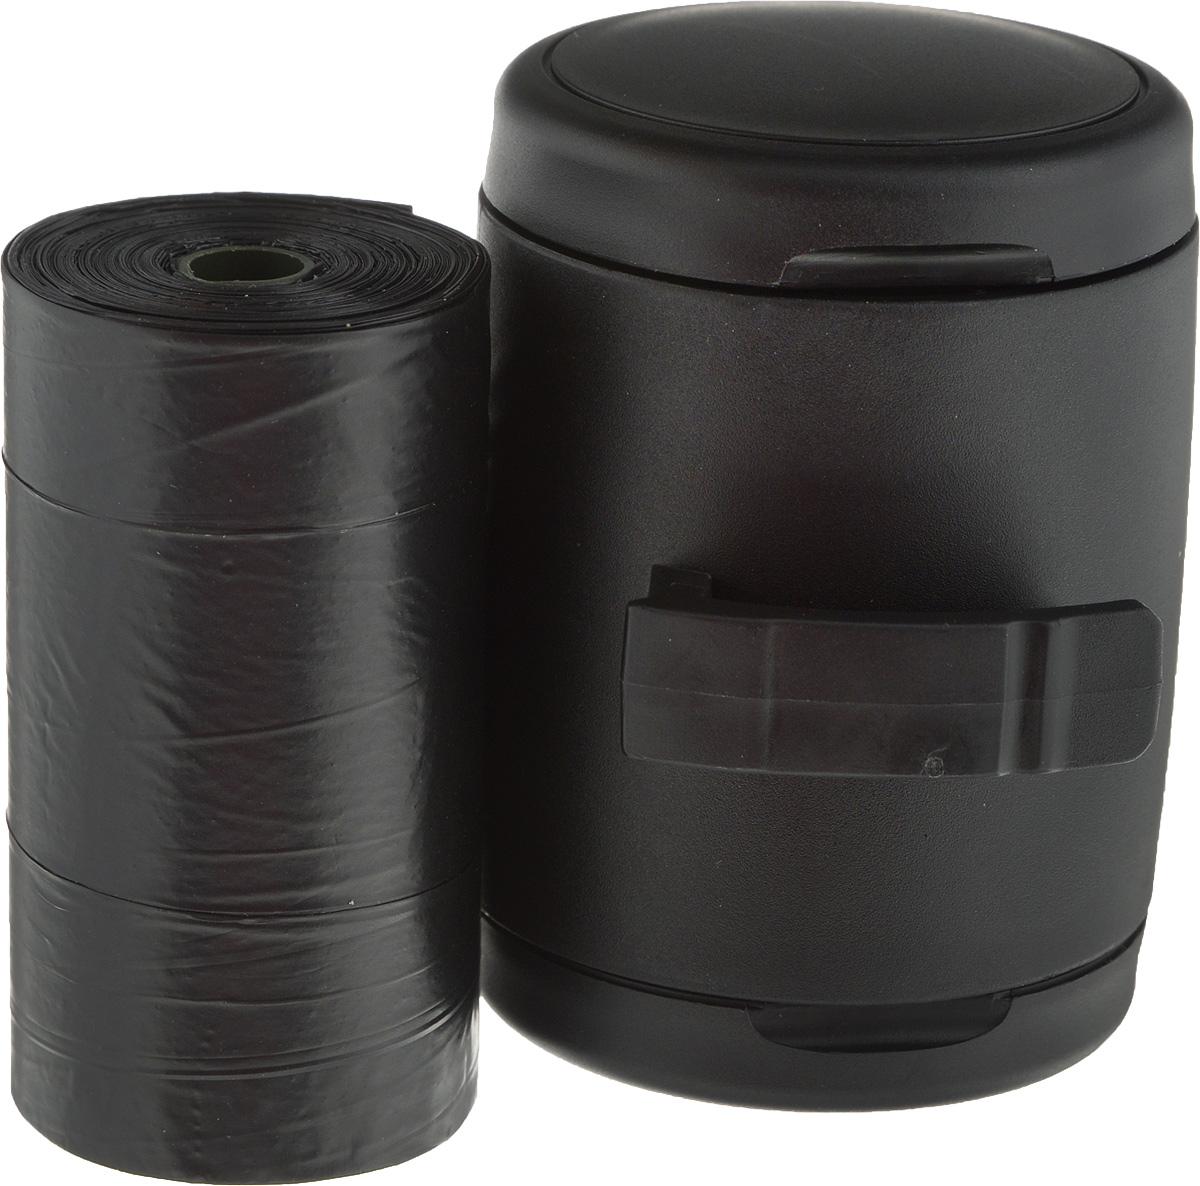 Мультибокс Triol Flexi, для лакомств или гигиенических пакетов, цвет: черный, 7,3 х 5,1 х 5,9 см0120710Мультибокс Triol Flexi– незаменимый аксессуар для владельцев четвероногих питомцев, который идеально подойдет для оригинальных поводков-рулеток коллекции Fun. В данных моделях этот компактный контейнер для лакомств или гигиенических пакетов удобно фиксируется прямо под ручкой рулетки, не доставляя дискомфорта во время прогулки. Мультибокс можно использовать для переноски пакетиков для уборки за собакой или для того, чтобы взять с собой в дорогу вкусняшки для поощрения собаки.Одноразовые пакеты для уборки за собакой входят в комплект.Размер мультибокса: 7,3 х 5,1 х 5,9 см.